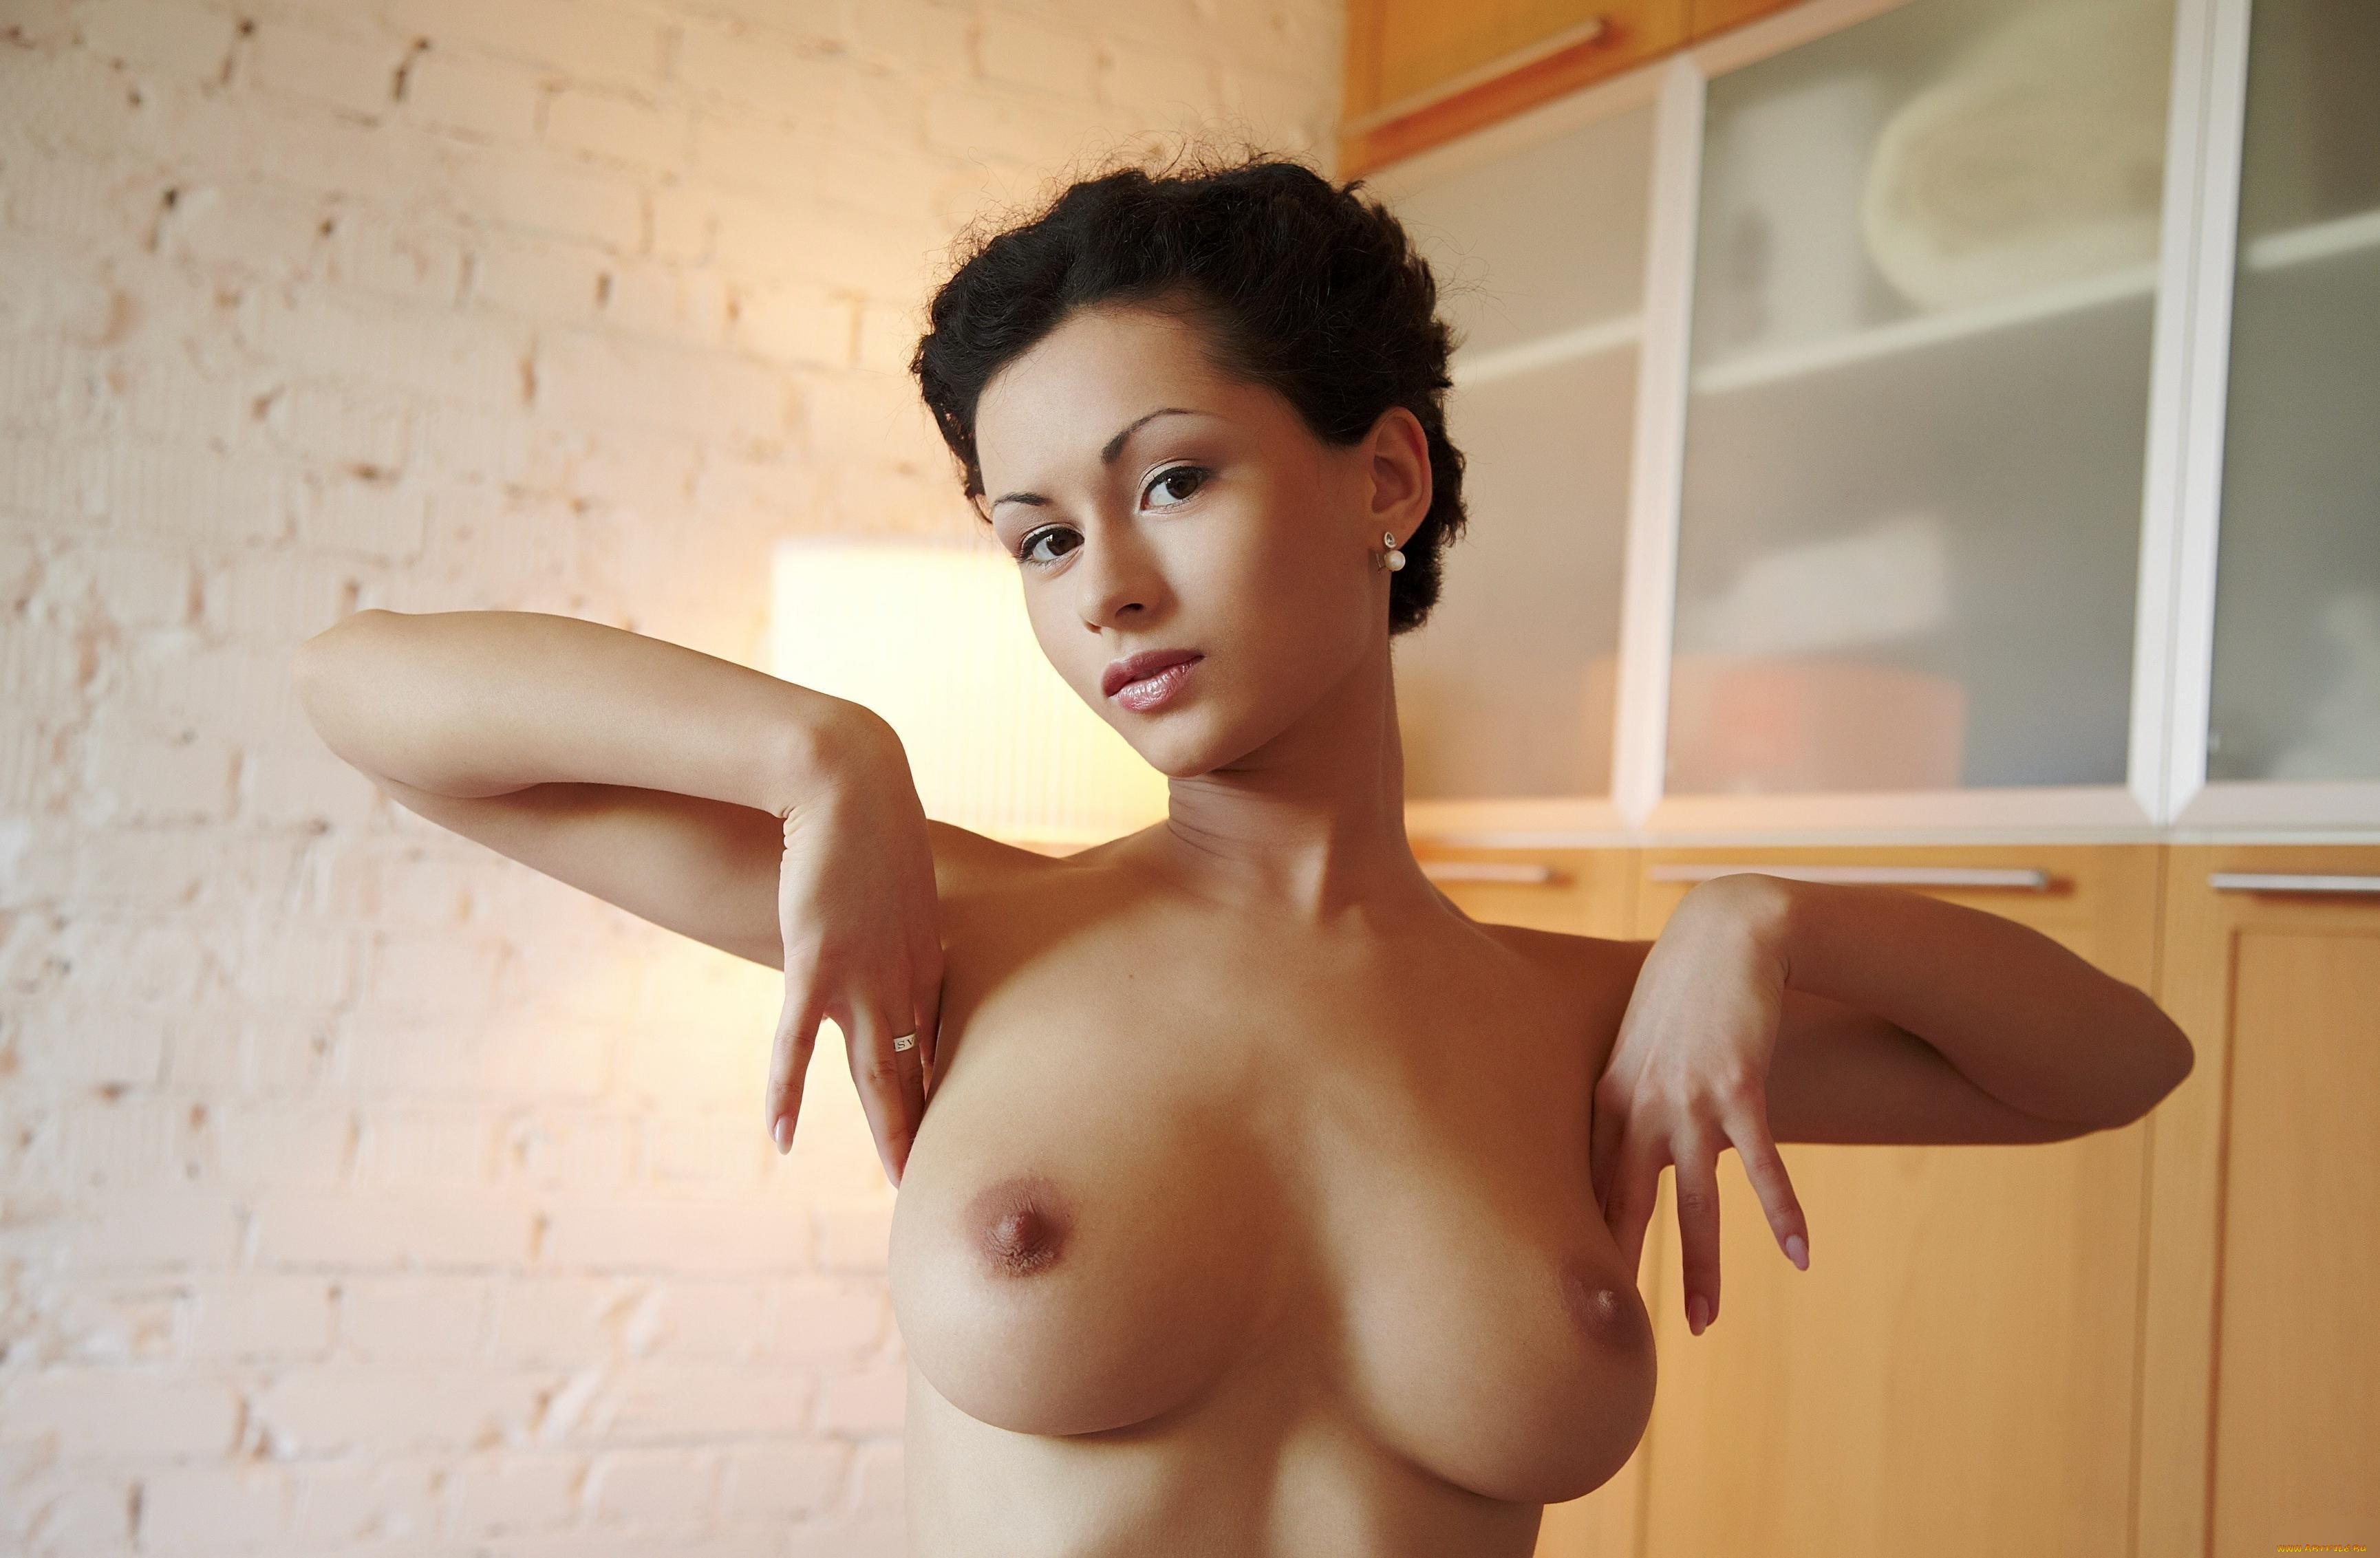 porno-krasivaya-soset-v-mashine